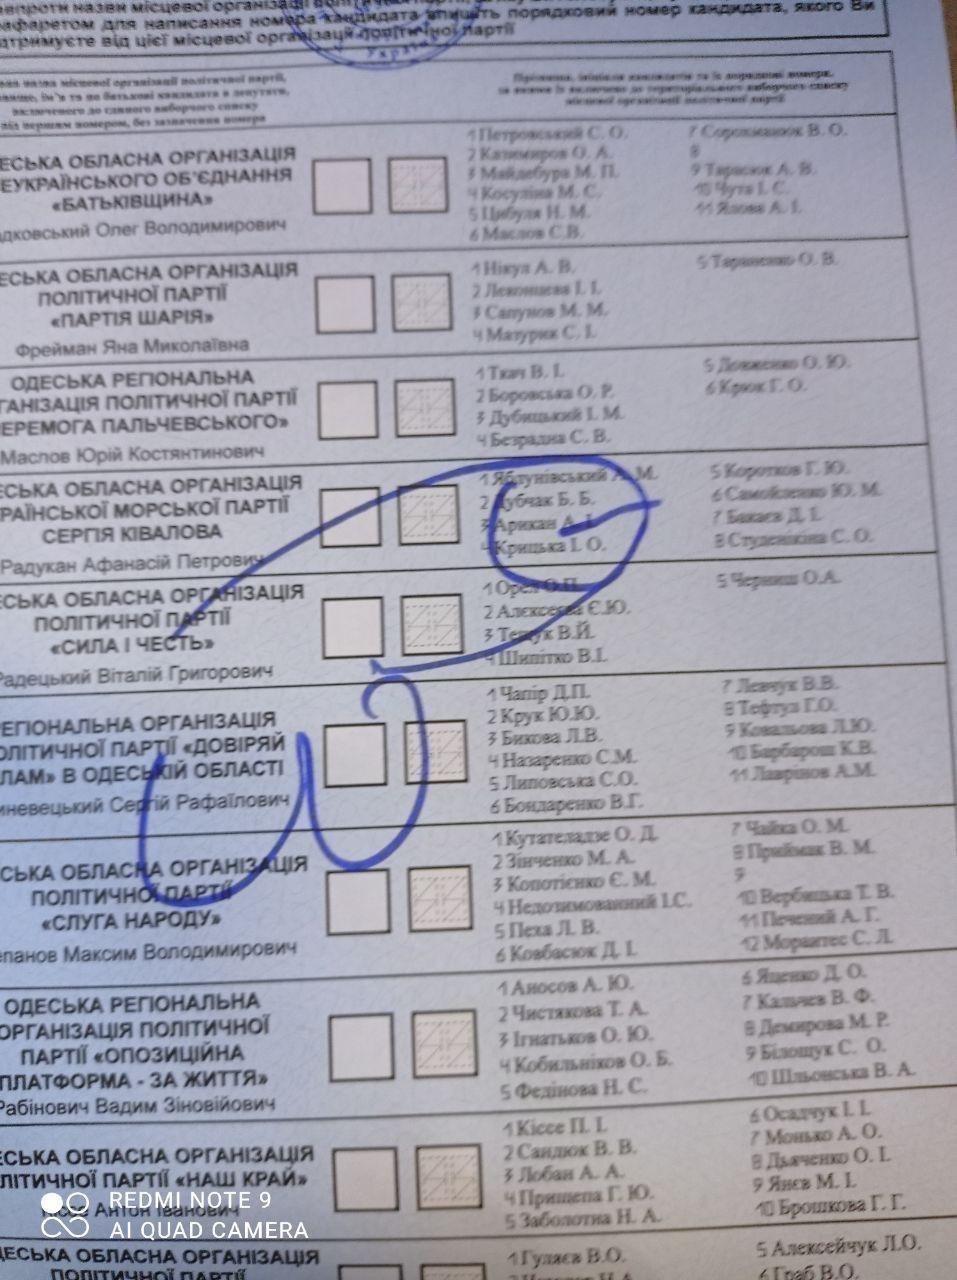 Динозавры, Путин в бюллетене и странные кабинки: подборка курьезов во время выборов - фото 14